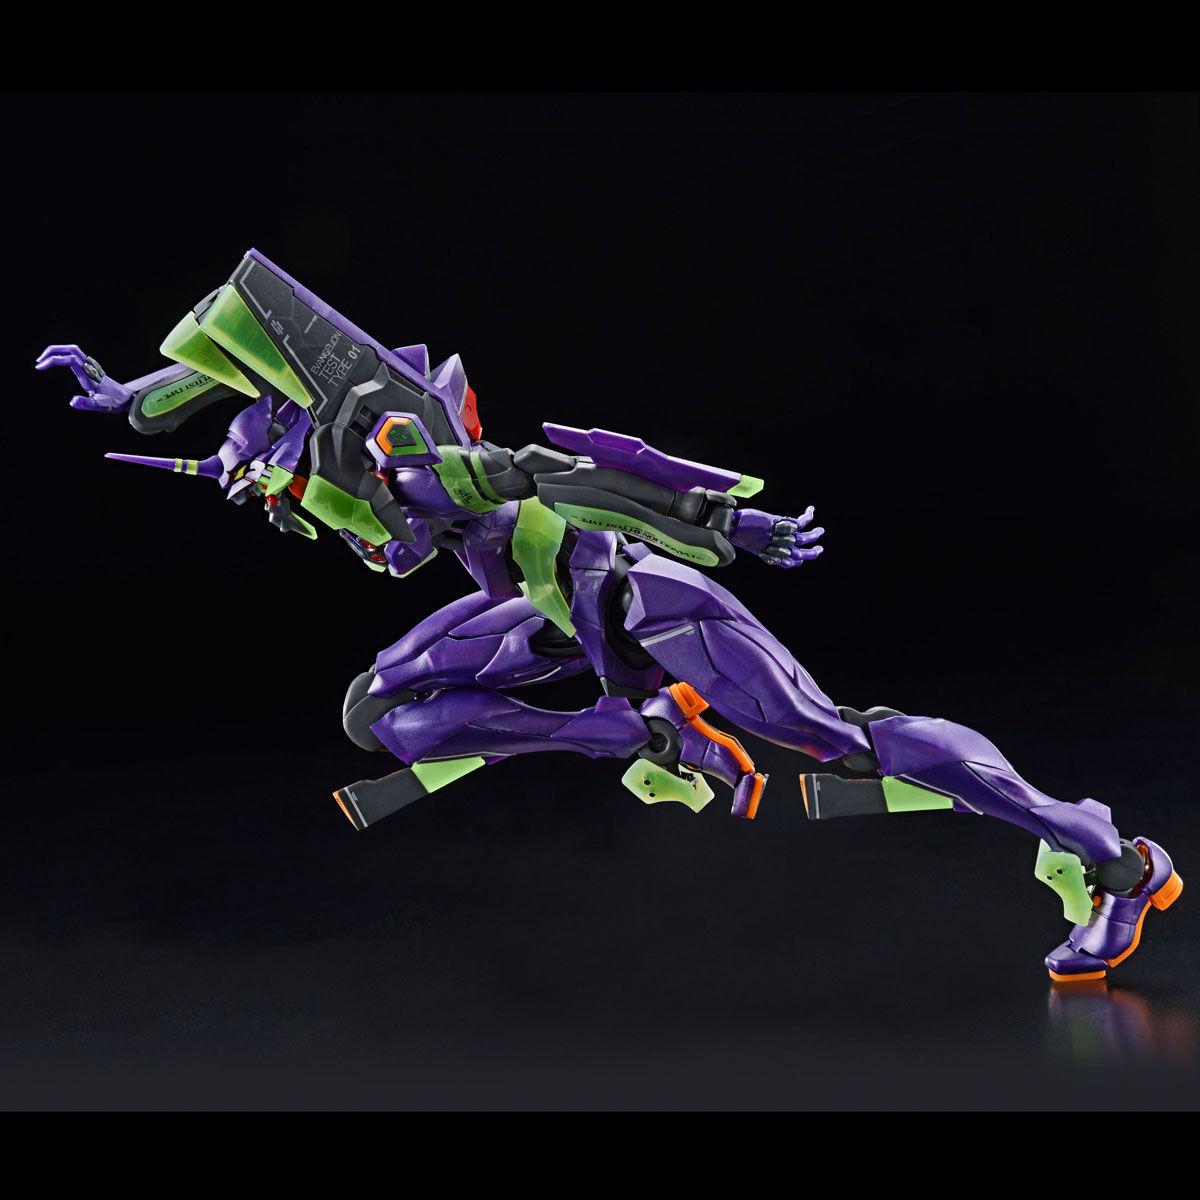 【限定販売】RG『汎用ヒト型決戦兵器 人造人間エヴァンゲリオン初号機(夜間戦闘仕様)』プラモデル-005